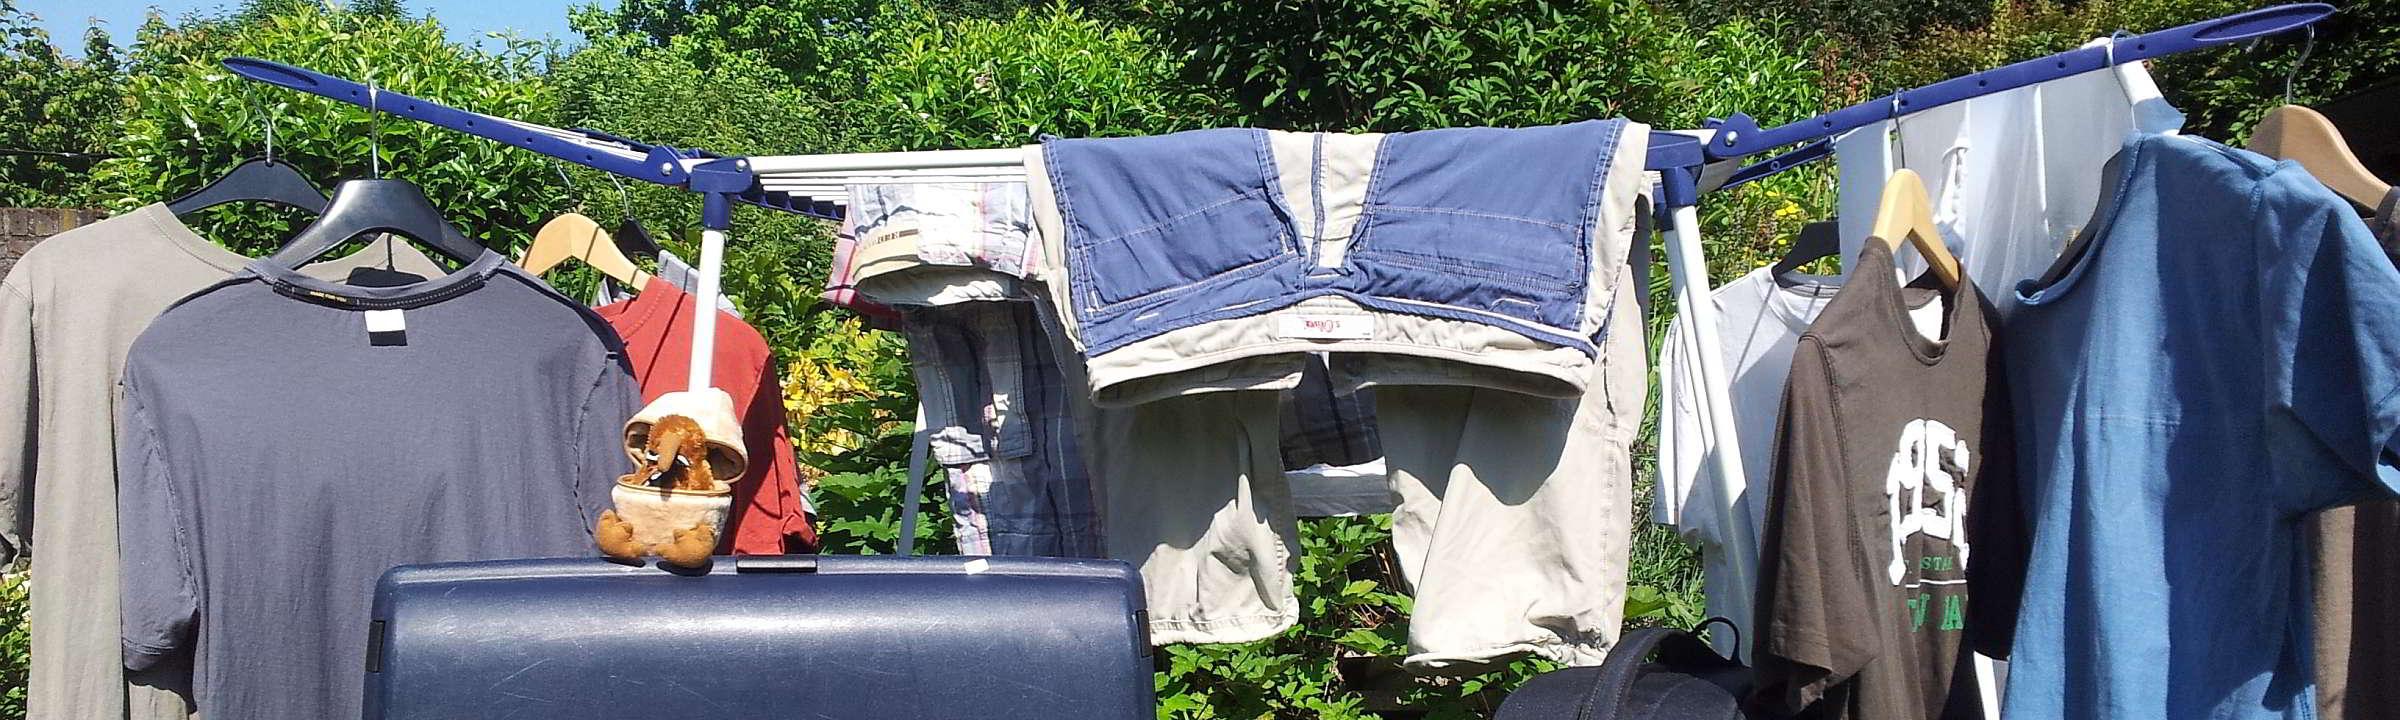 Reisevorbereitungen Neuseeland - Koffer und Klamotten